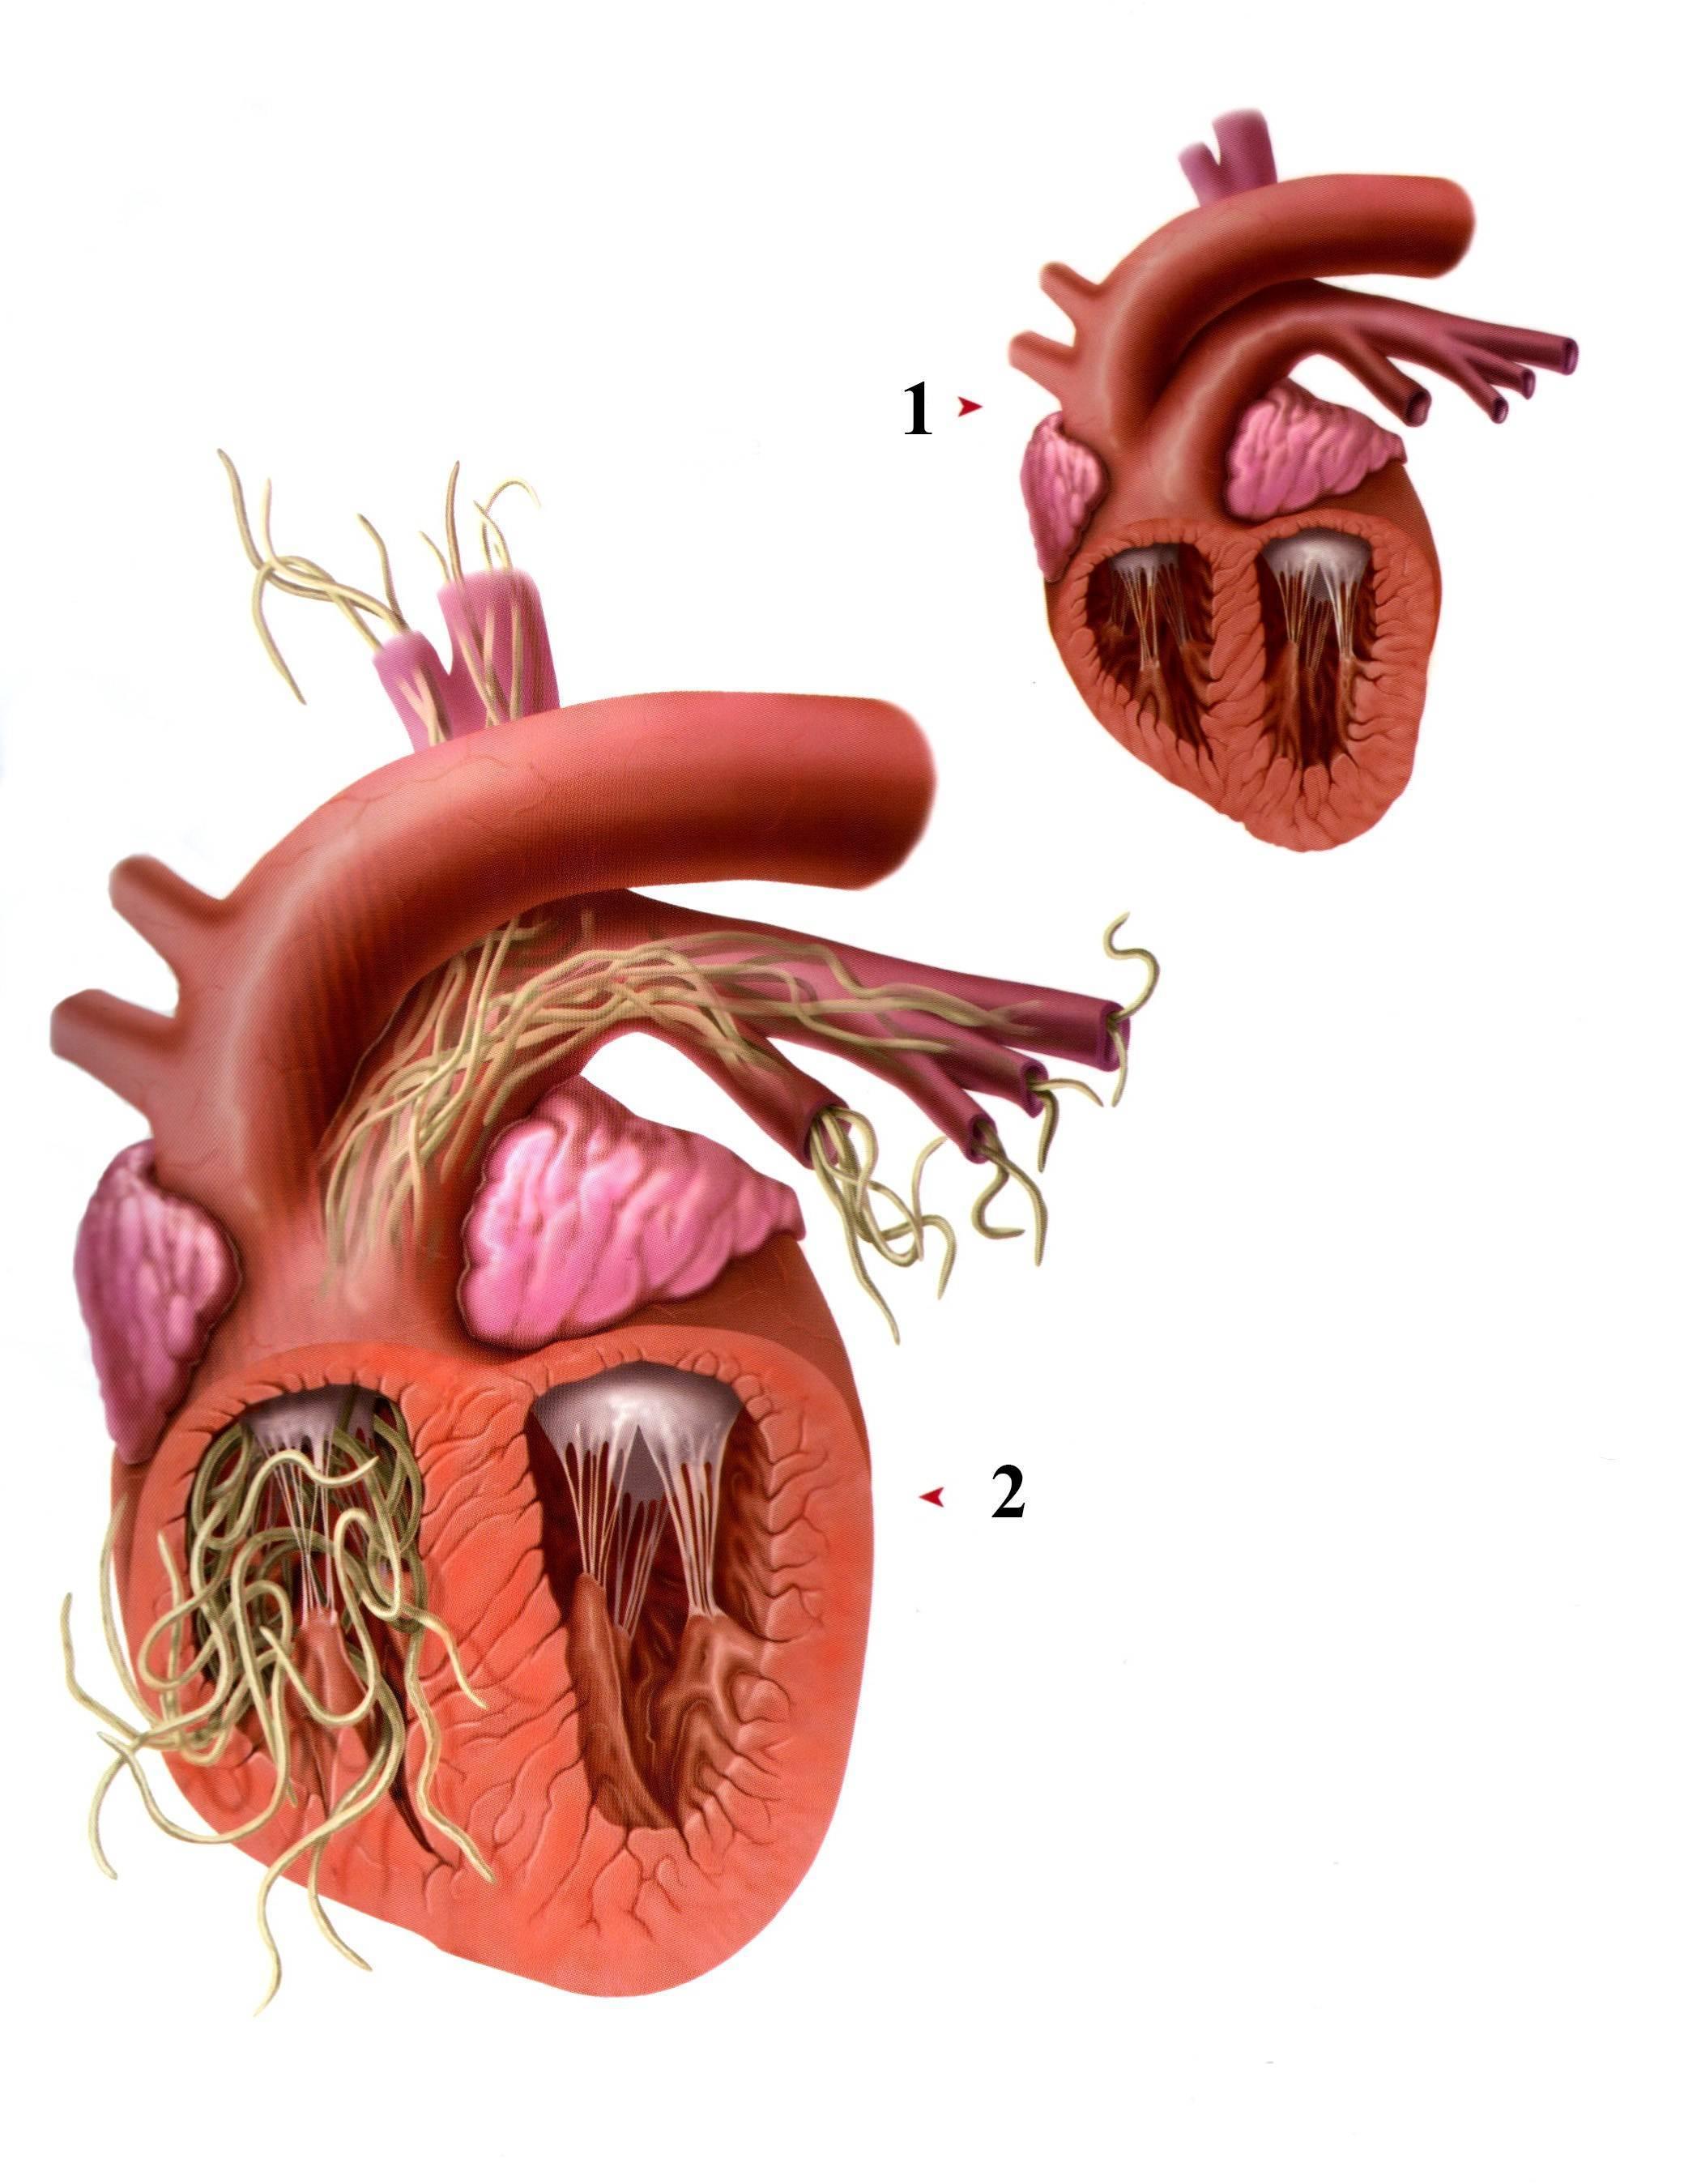 черви в сердце человека